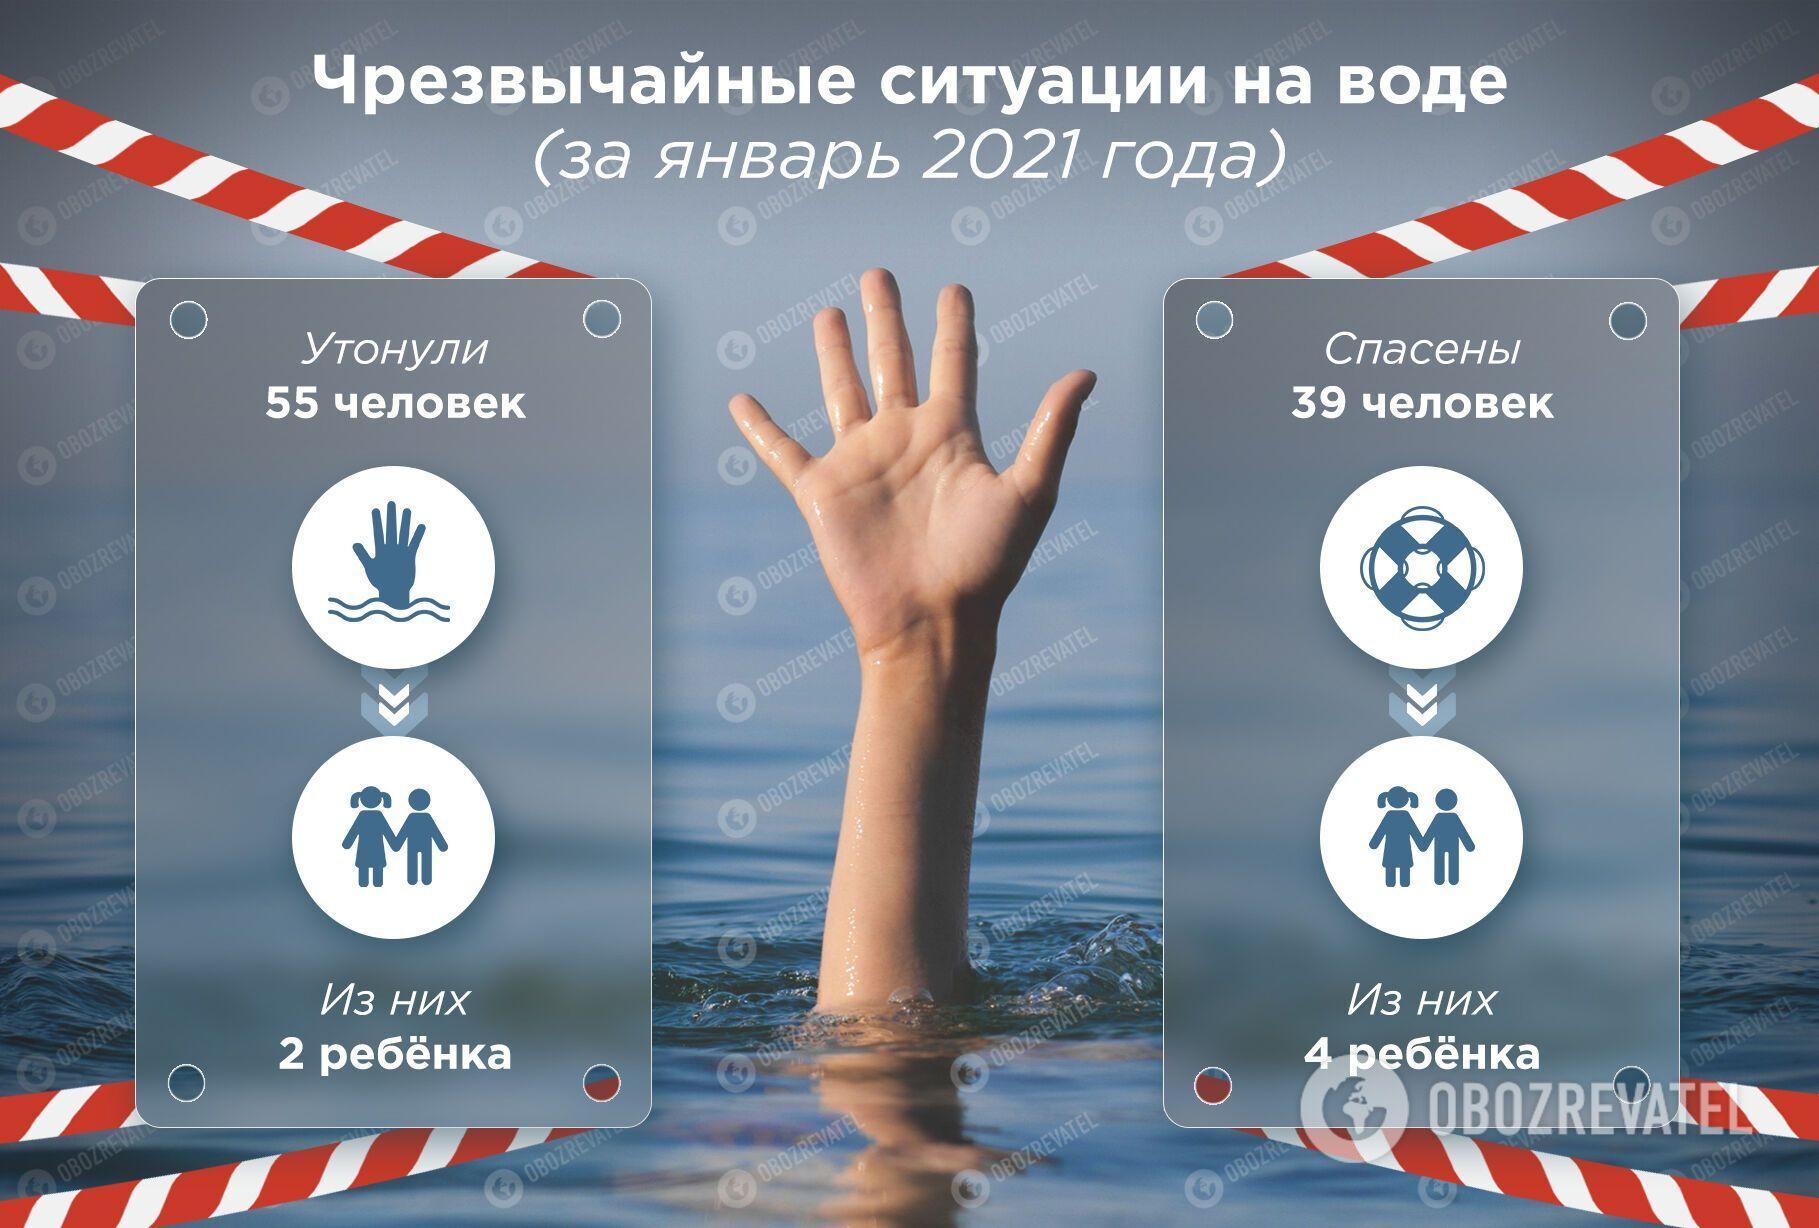 Українцям радять не виходити на лід через мінливу погоду